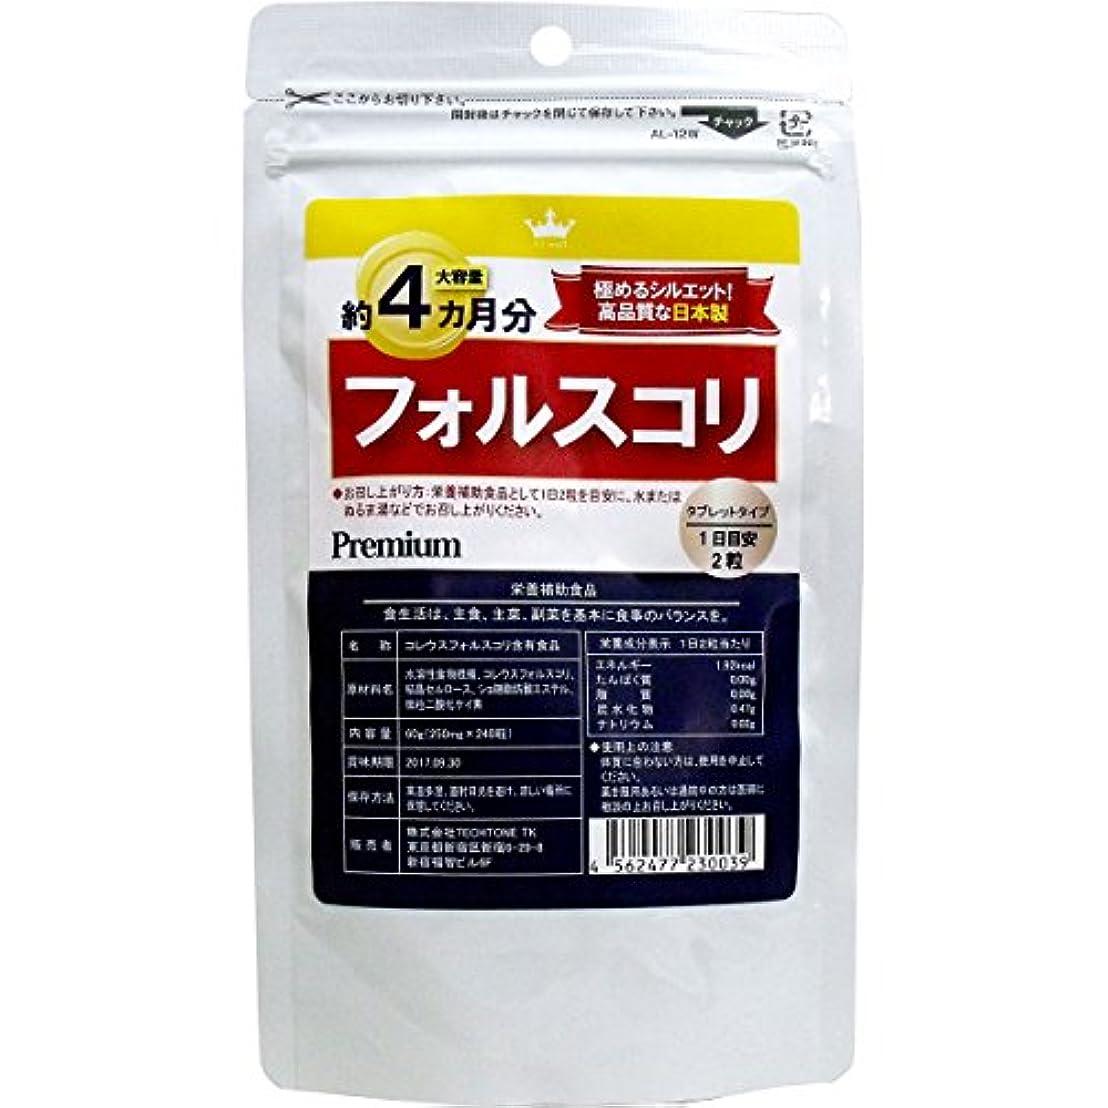 サプリ 高品質な日本製 話題の フォルスコリ 約4カ月分 240粒入【1個セット】